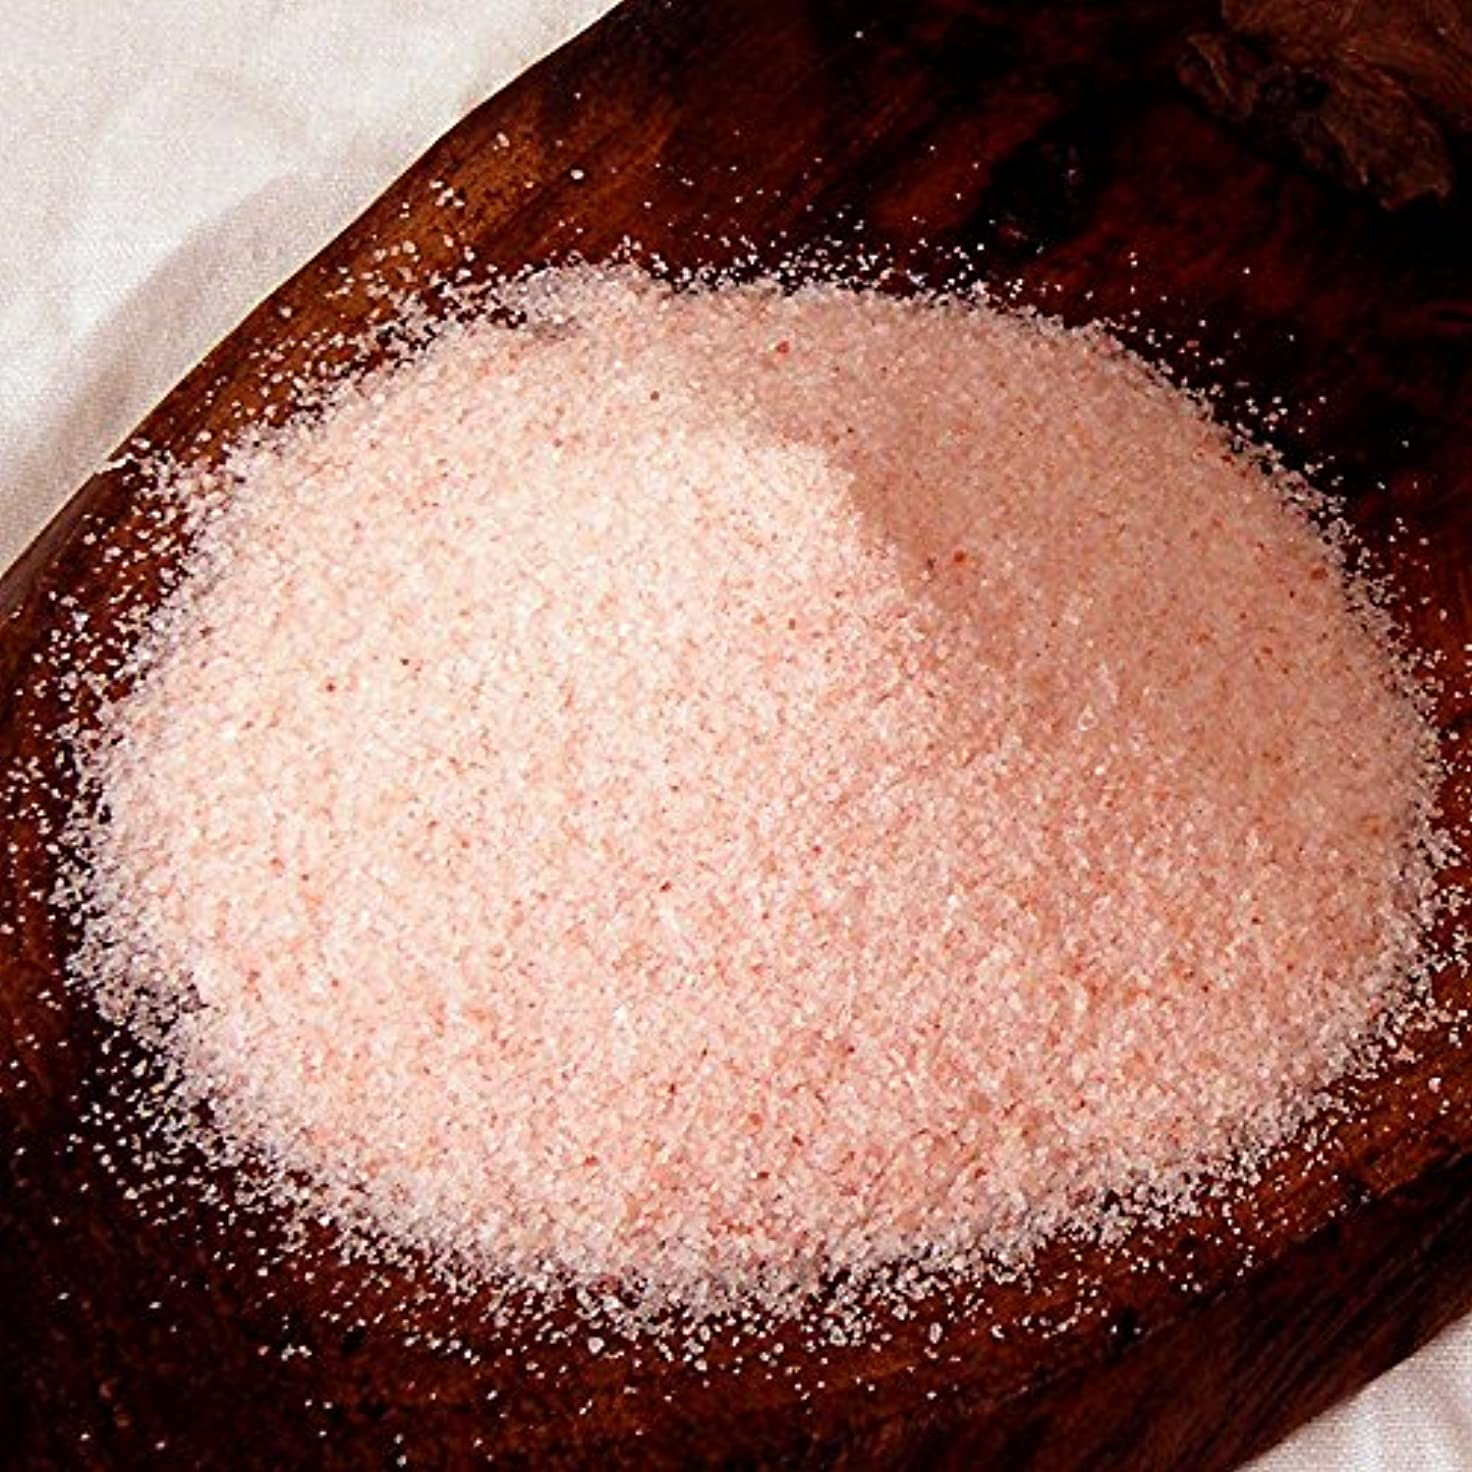 ヒマラヤ岩塩 バスソルト ローズソルト 溶けやすい細粒タイプ お試し1kg (ソルト内容量970g)